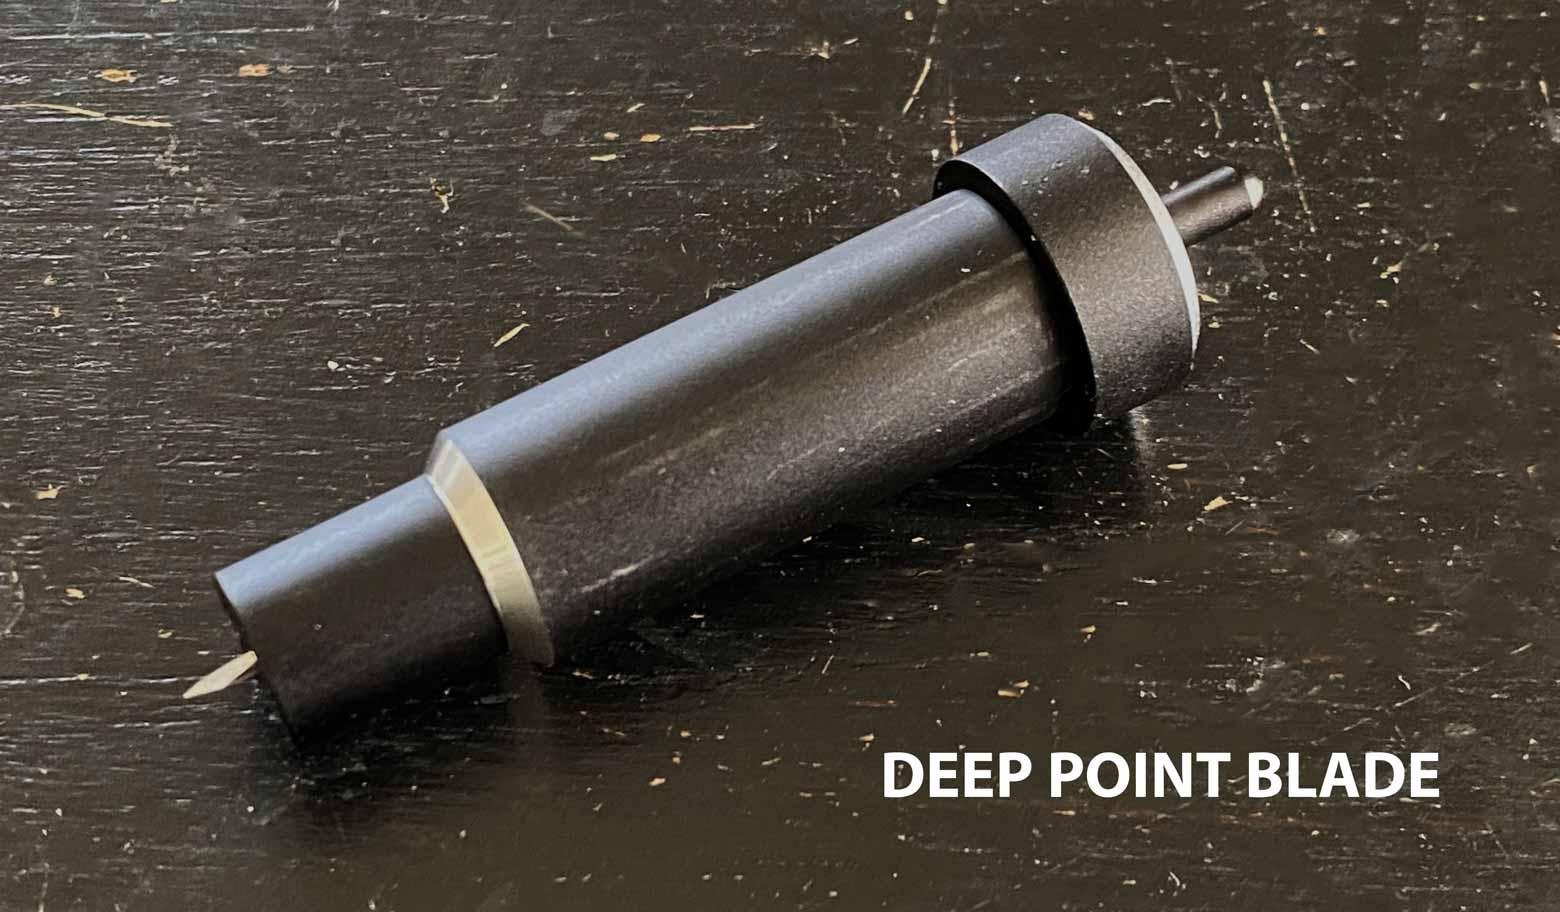 DeepCut blade